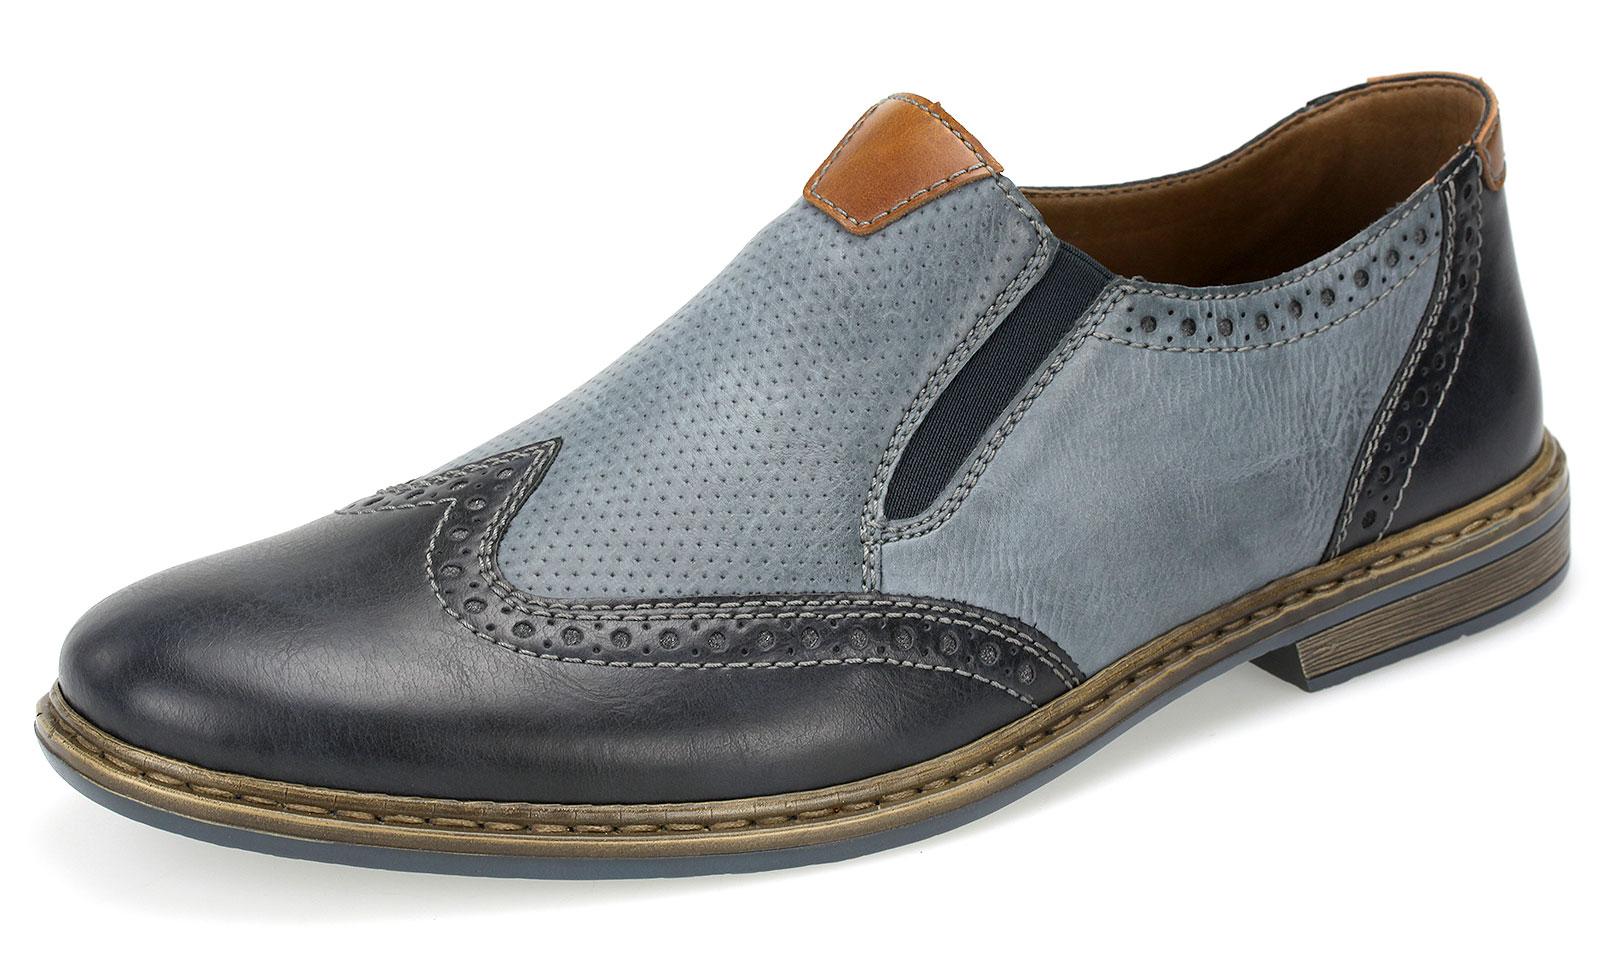 uk availability bdd36 ed278 Details zu Rieker Herren Slipper Halbschuhe Business Schuhe Budapester  13473-15 Blau